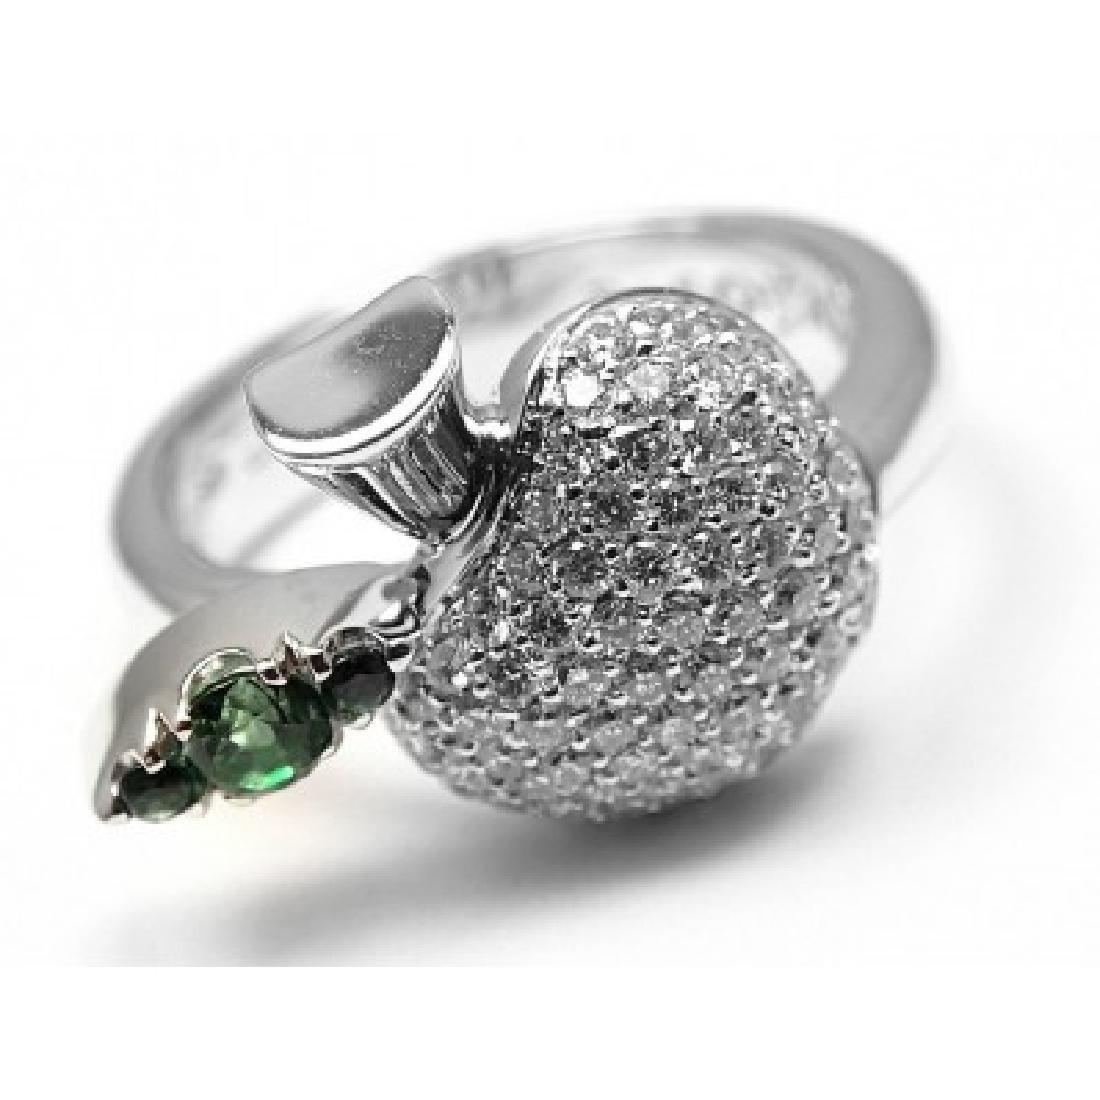 PASQUALE BRUNI 18K APPLE DIAMOND TENTAZIONE RING - 6